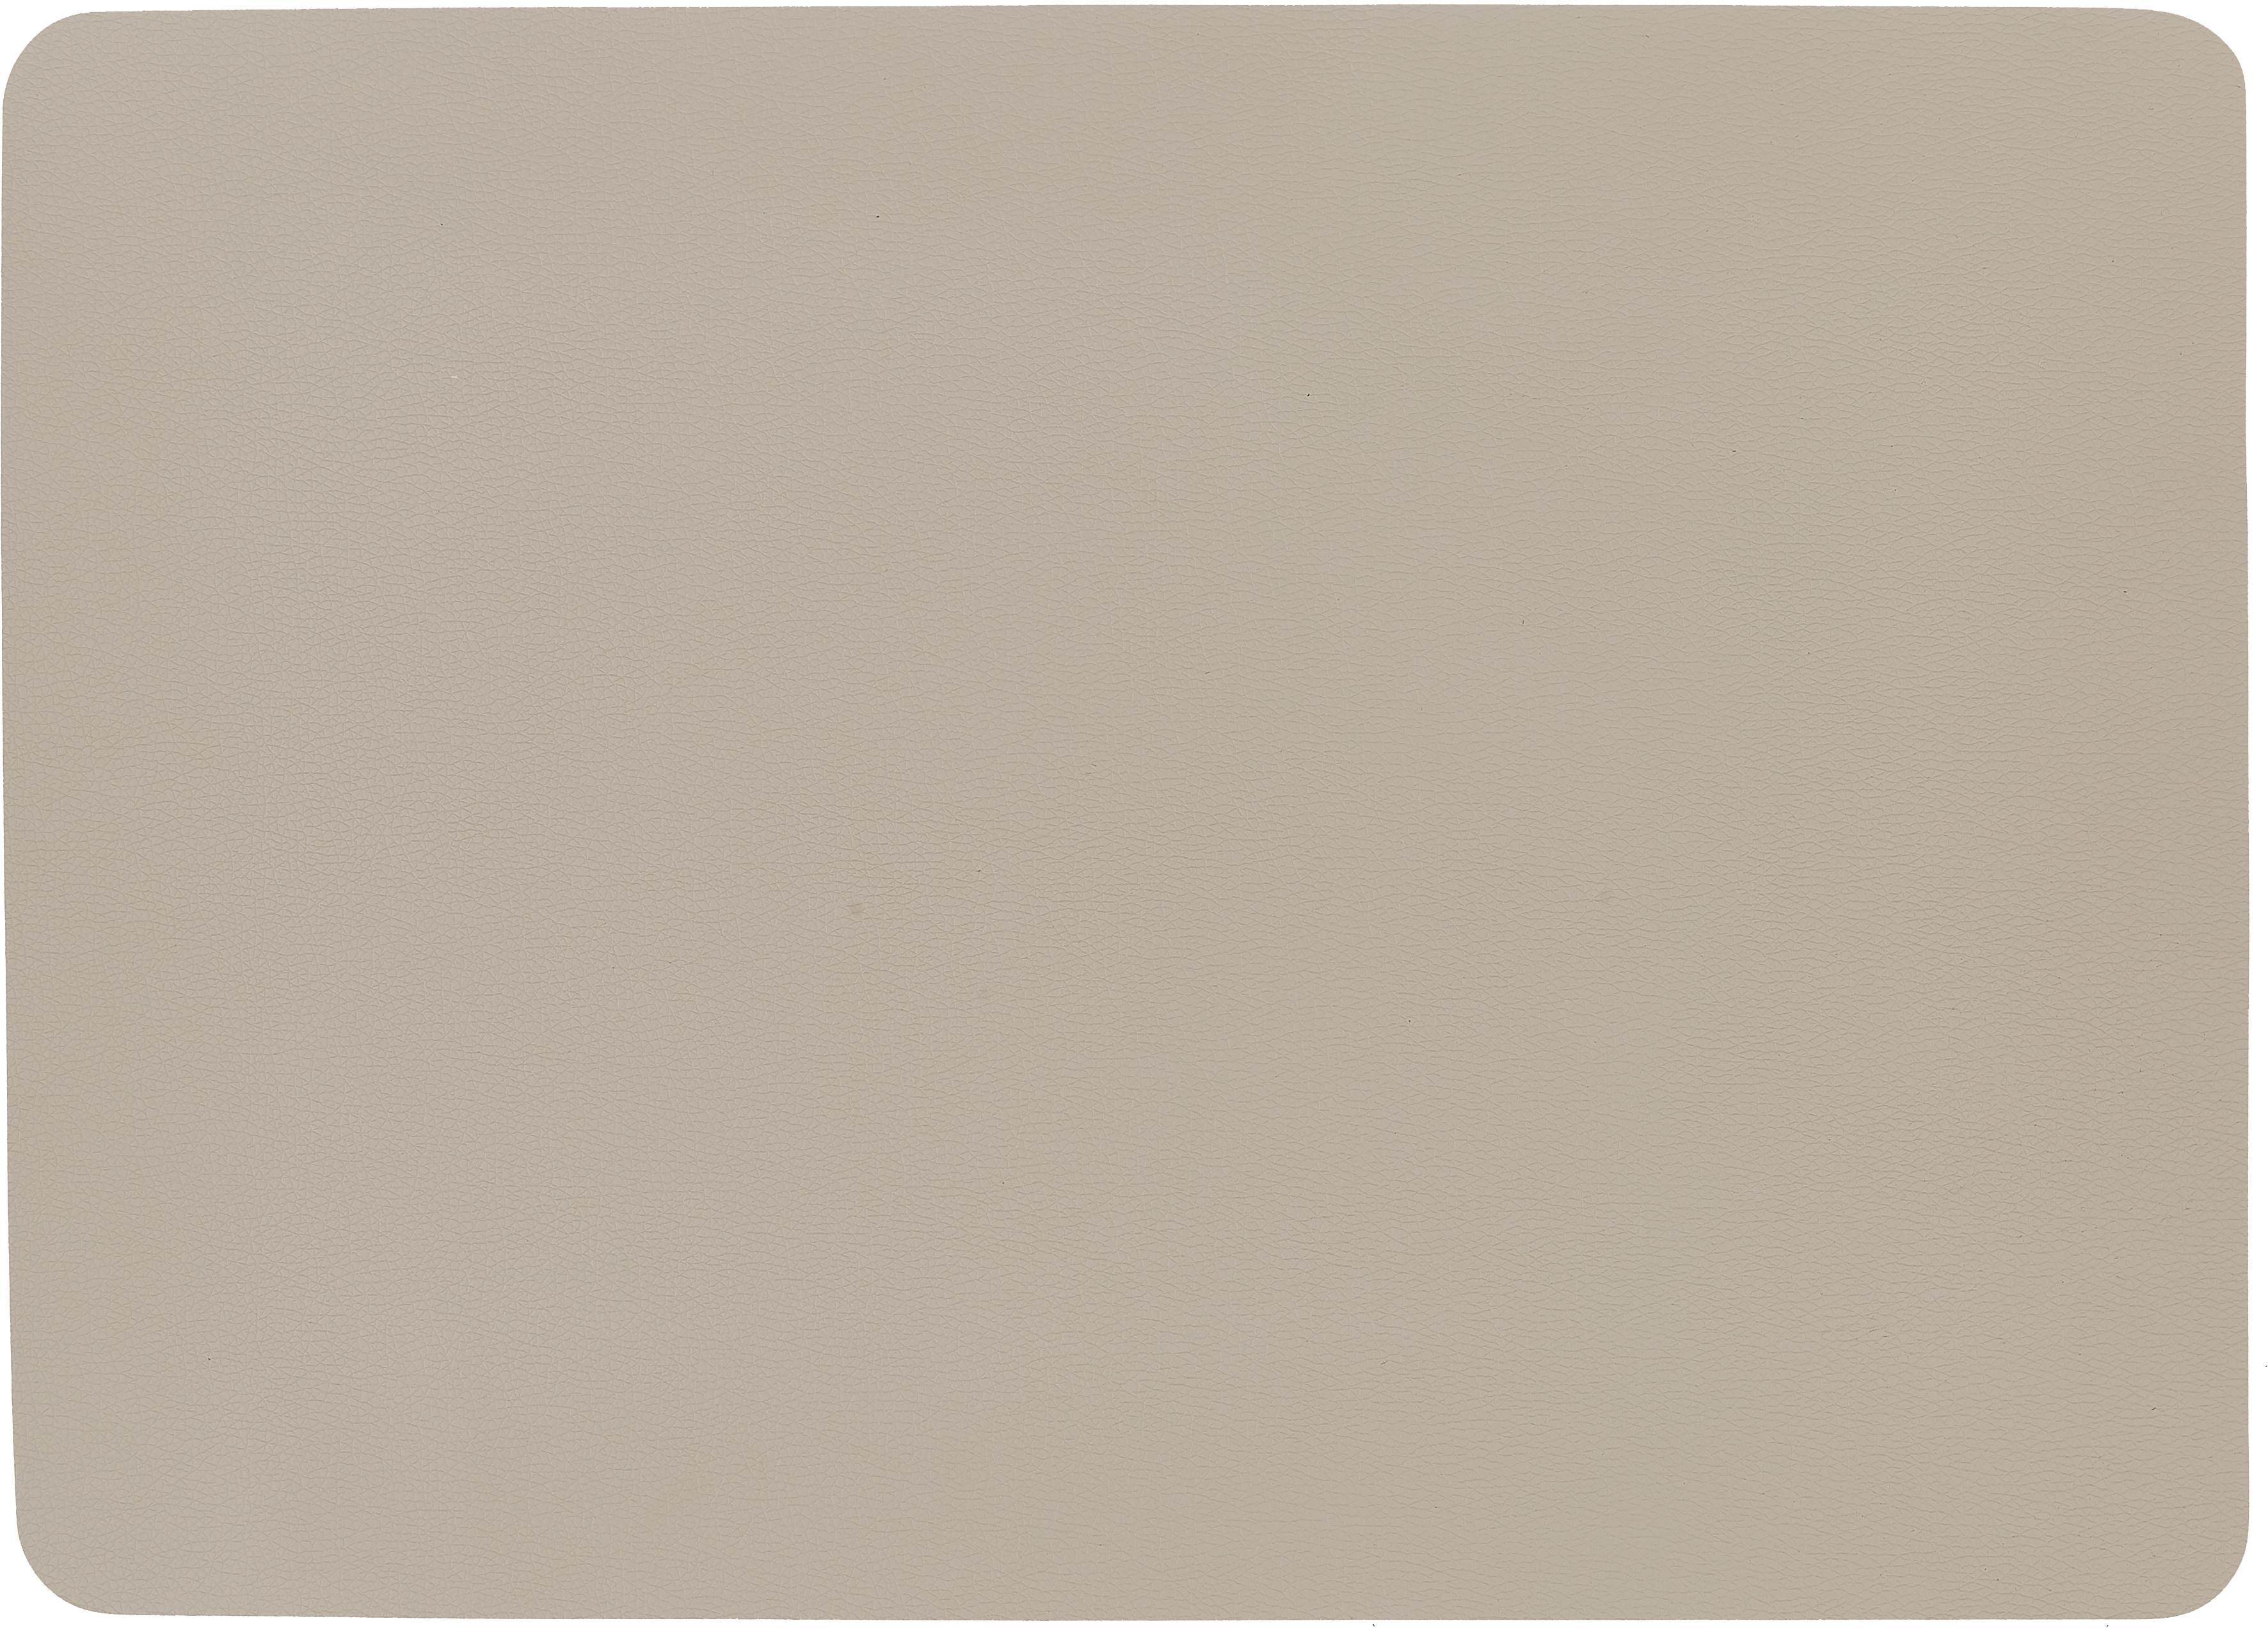 Kunstleren placemats Asia, 2 stuks, Kunstleer (PVC), Beige, 33 x 46 cm